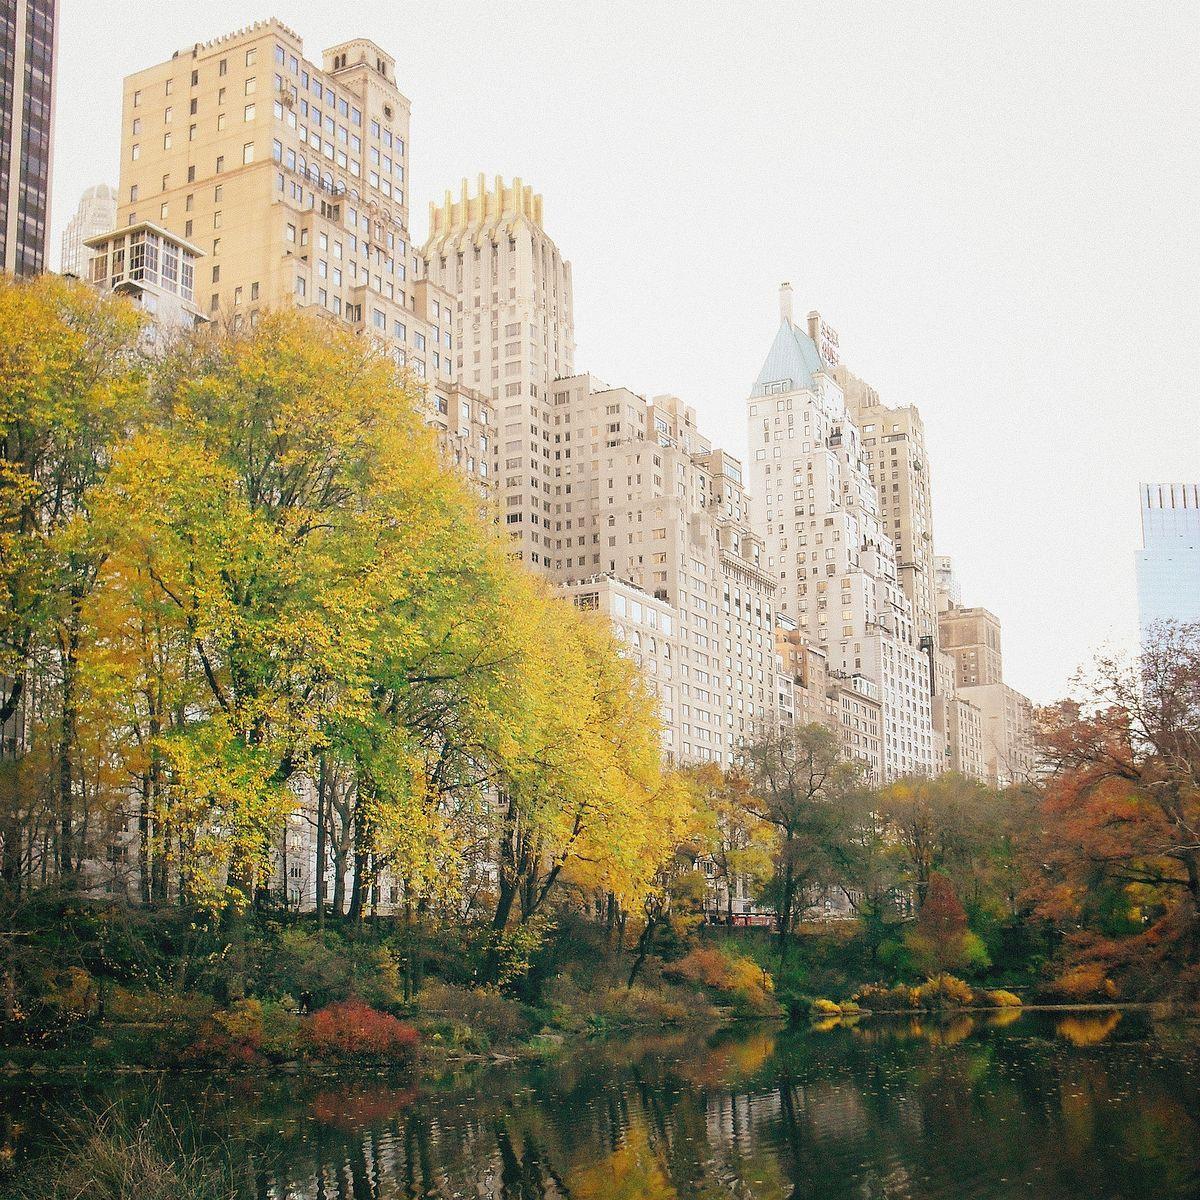 Buildings near Central Park